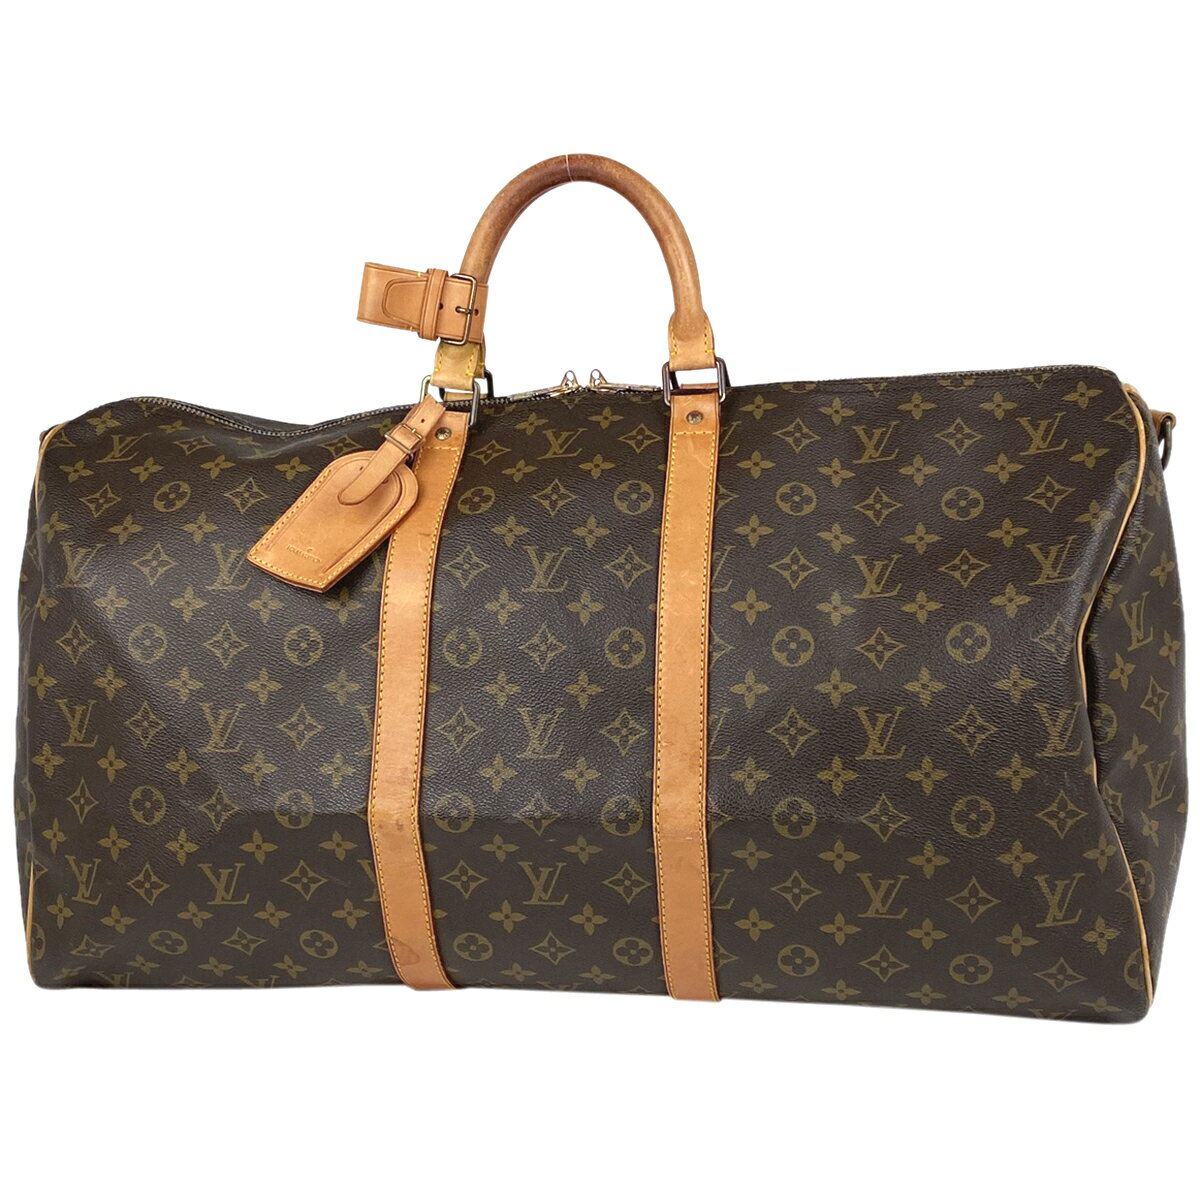 レディースバッグ, ボストンバッグ 28OFF Louis Vuitton 55 M41414 msp29perb